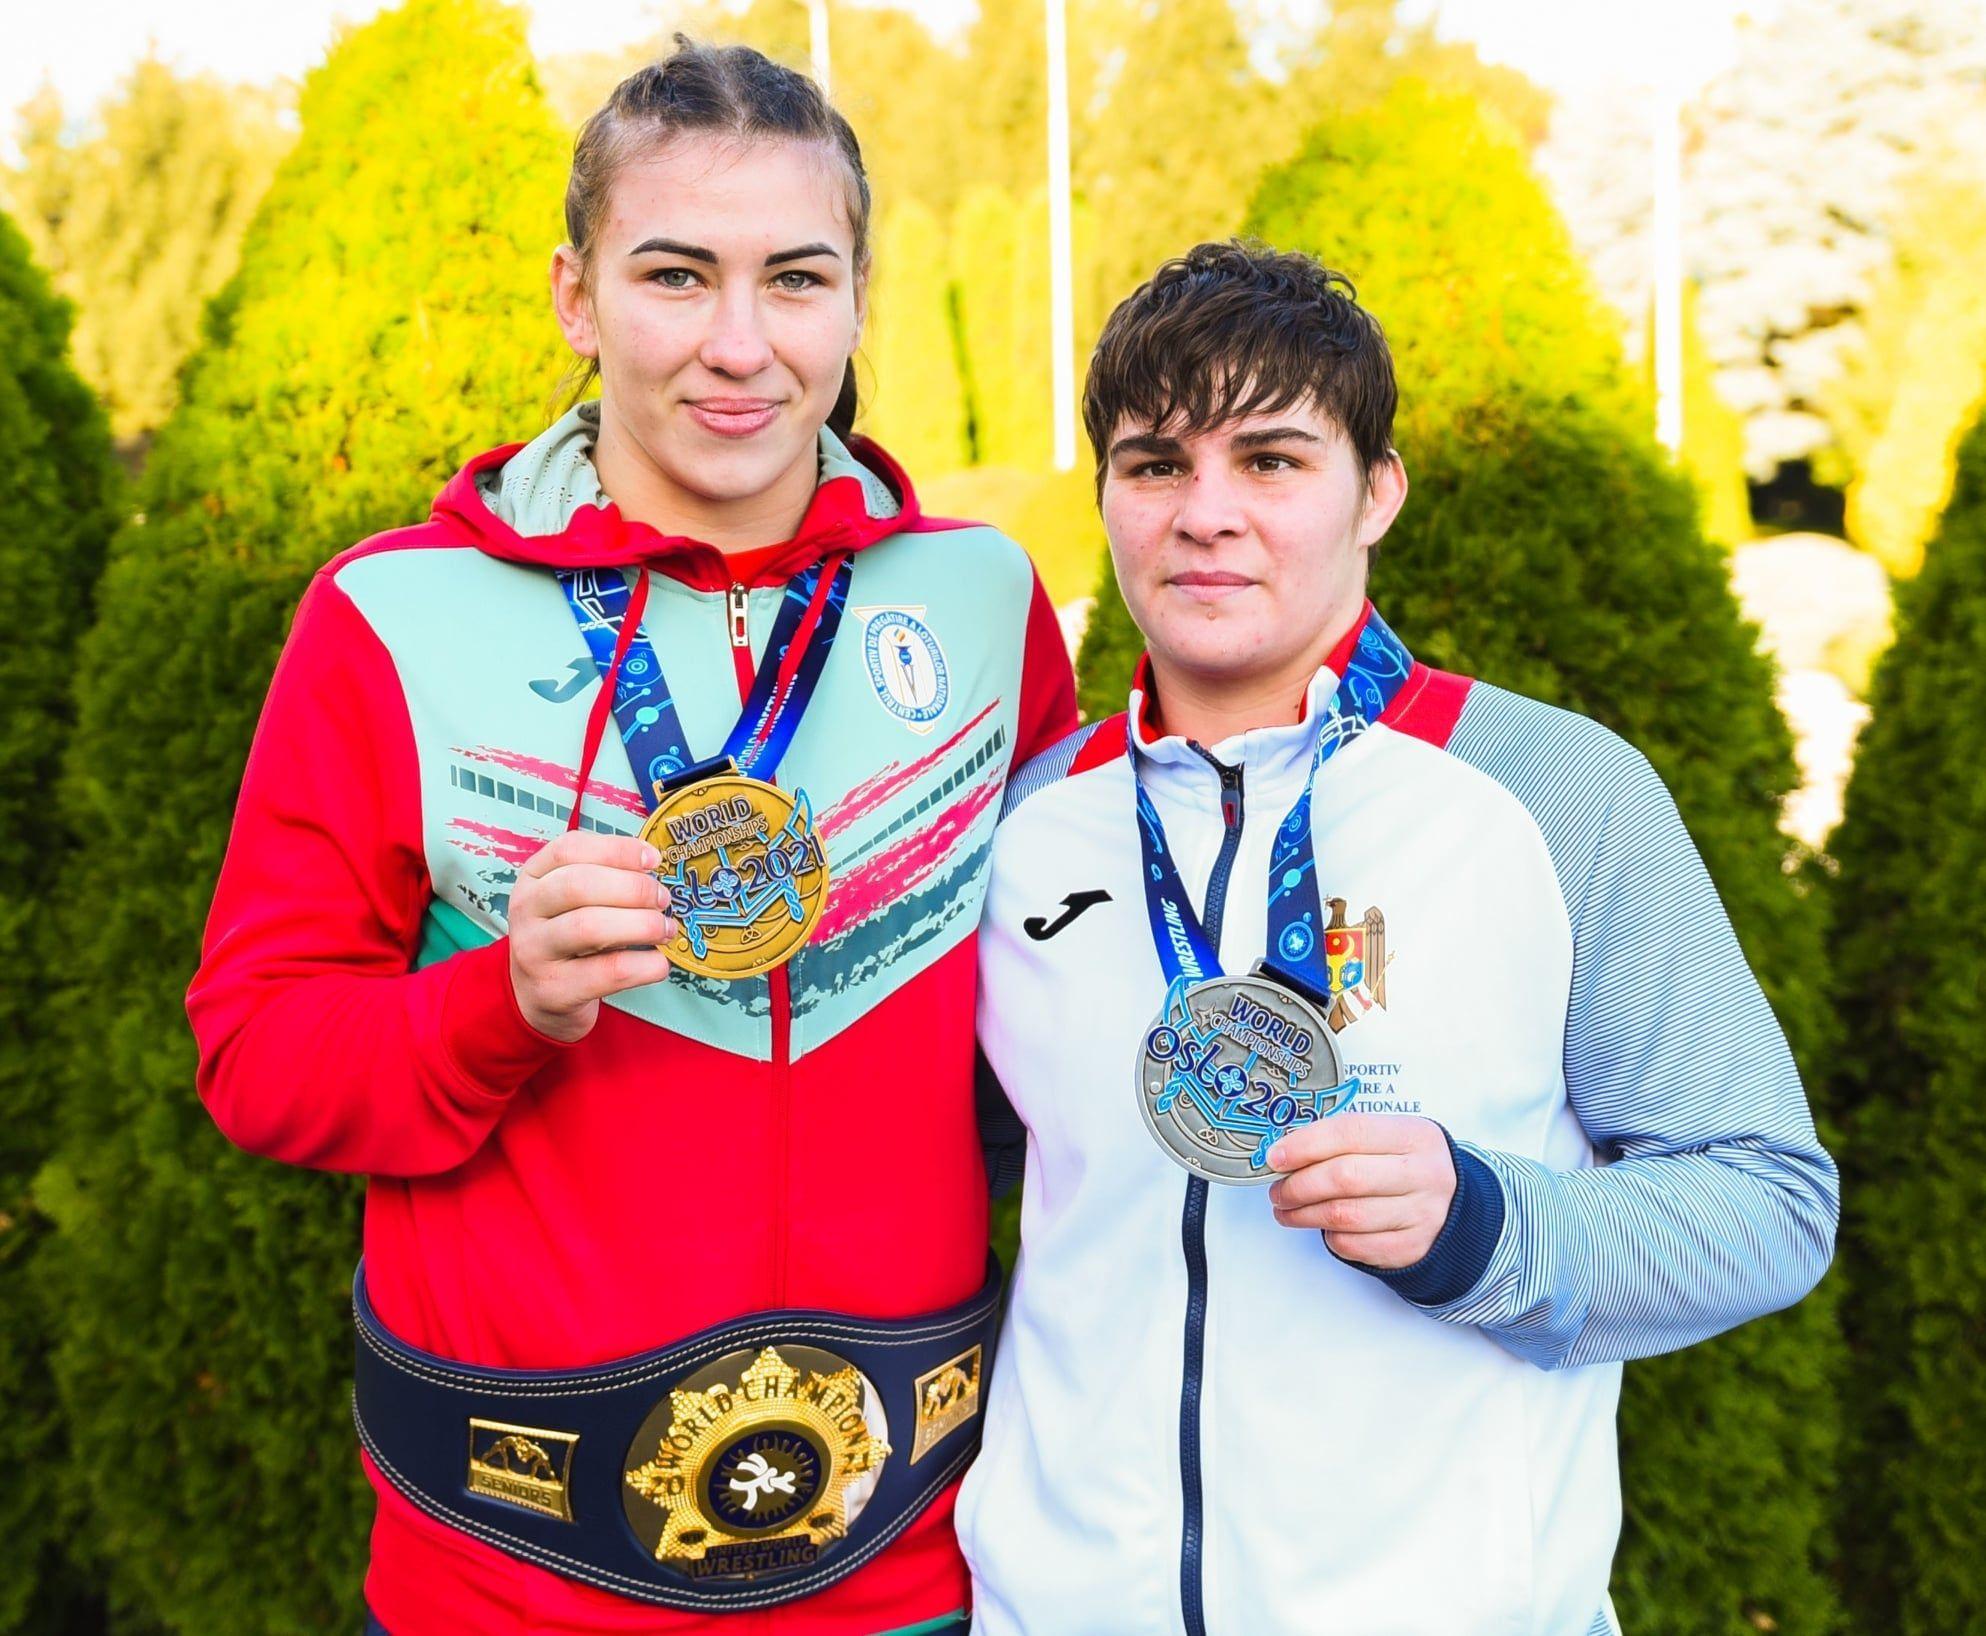 Diplome și premii bănești din partea Primăriei Chișinău pentru sportivii Irina Rîngaci, Iulia Leorda și Victor Ciobanu